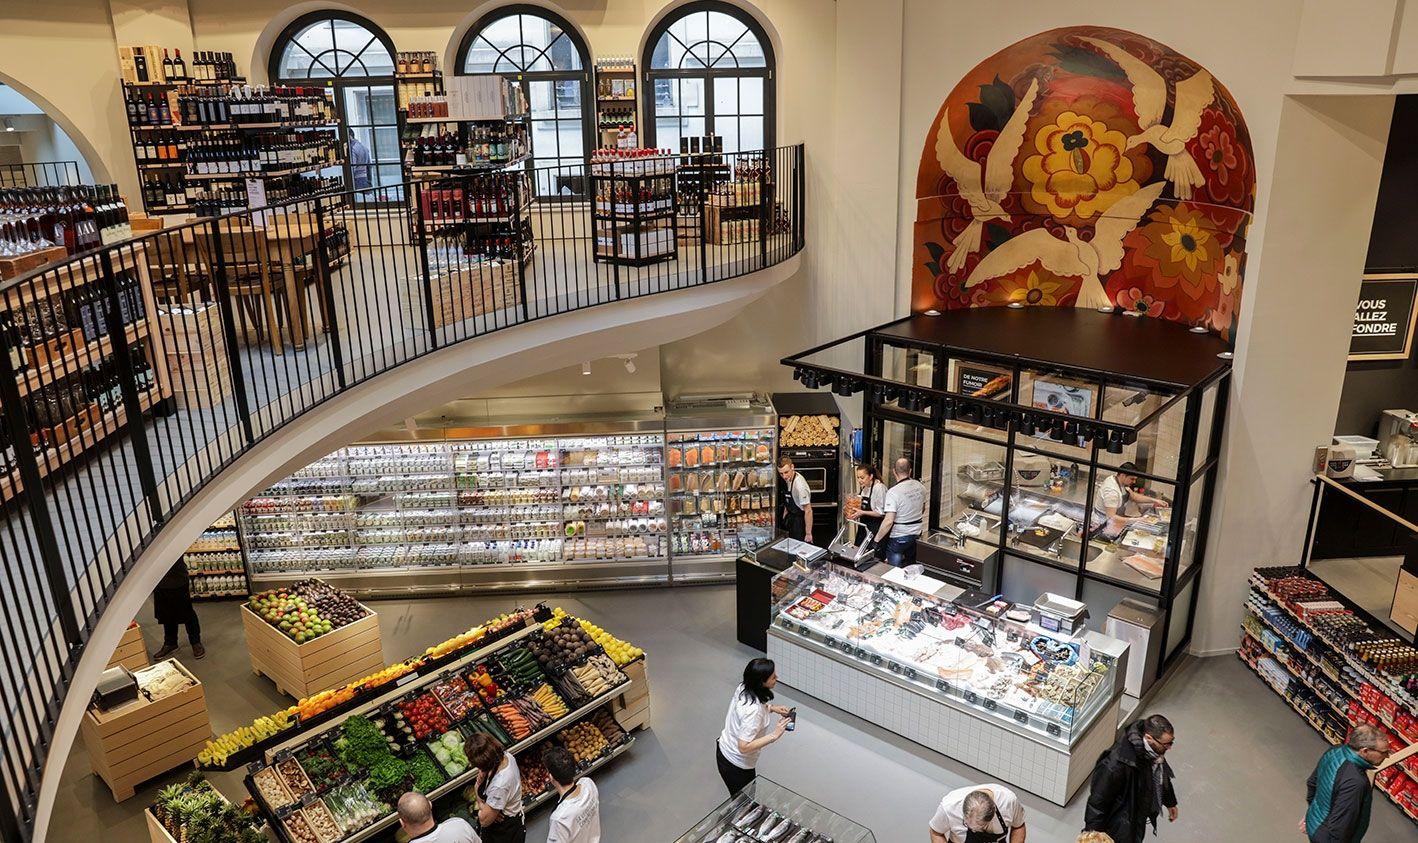 Saveurs et plaisirs de la bouche: le nouveau format de magasin de Coop